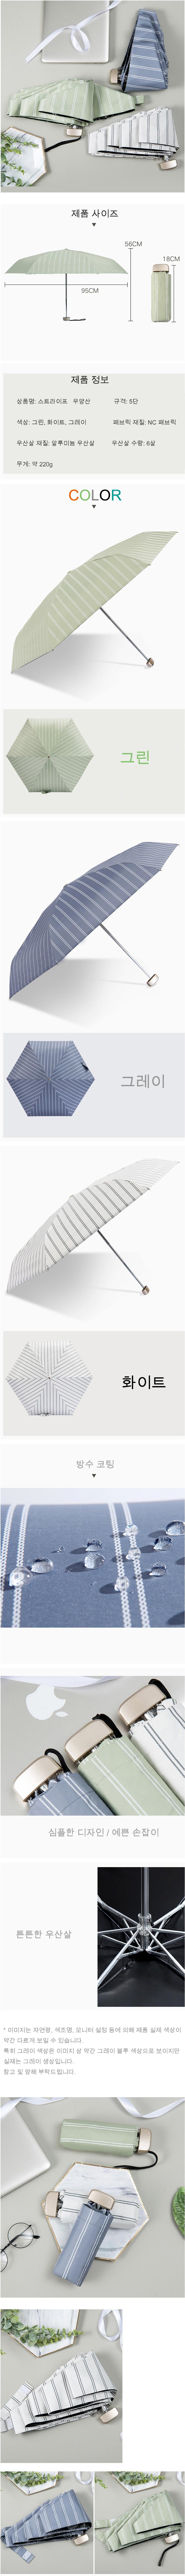 스트라이프 우양산 UV자외선차단 경량 미니 암막 양산 - 오너클랜, 13,500원, 우산, 수동3단/5단우산